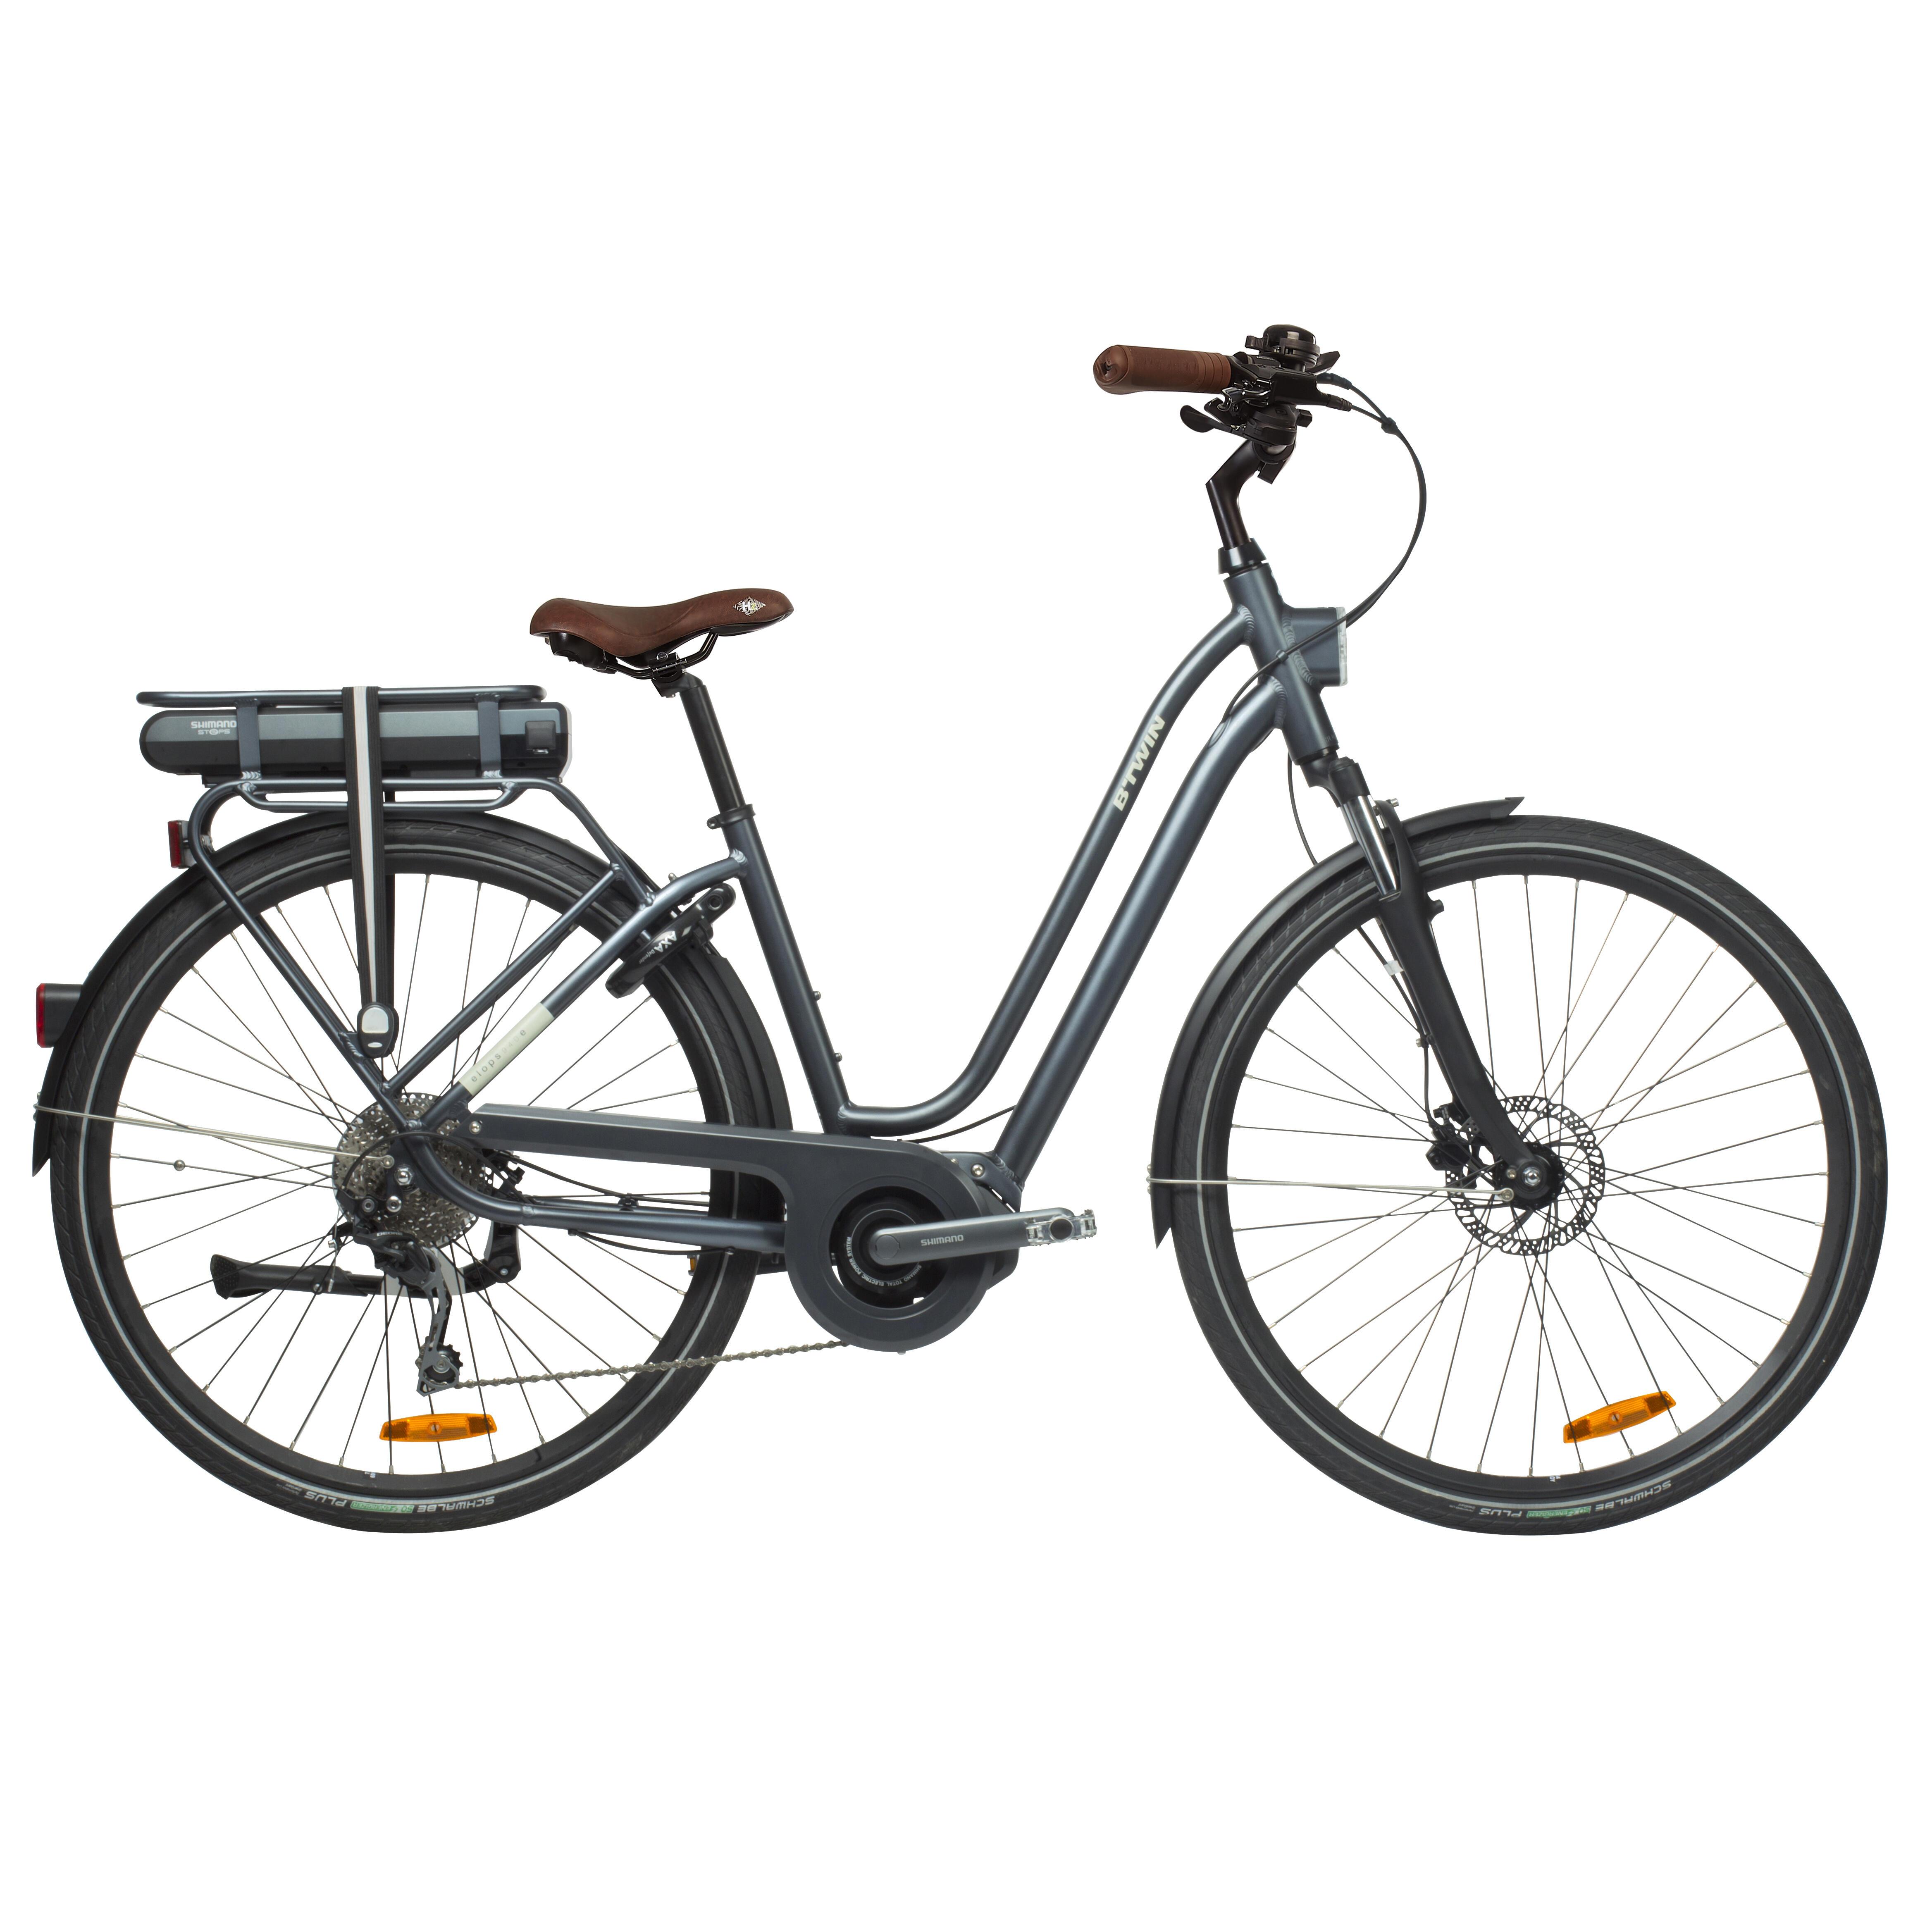 Elektrische Fiets Kopen Beste Prijs Kwaliteit E Bikes Decathlon Nl